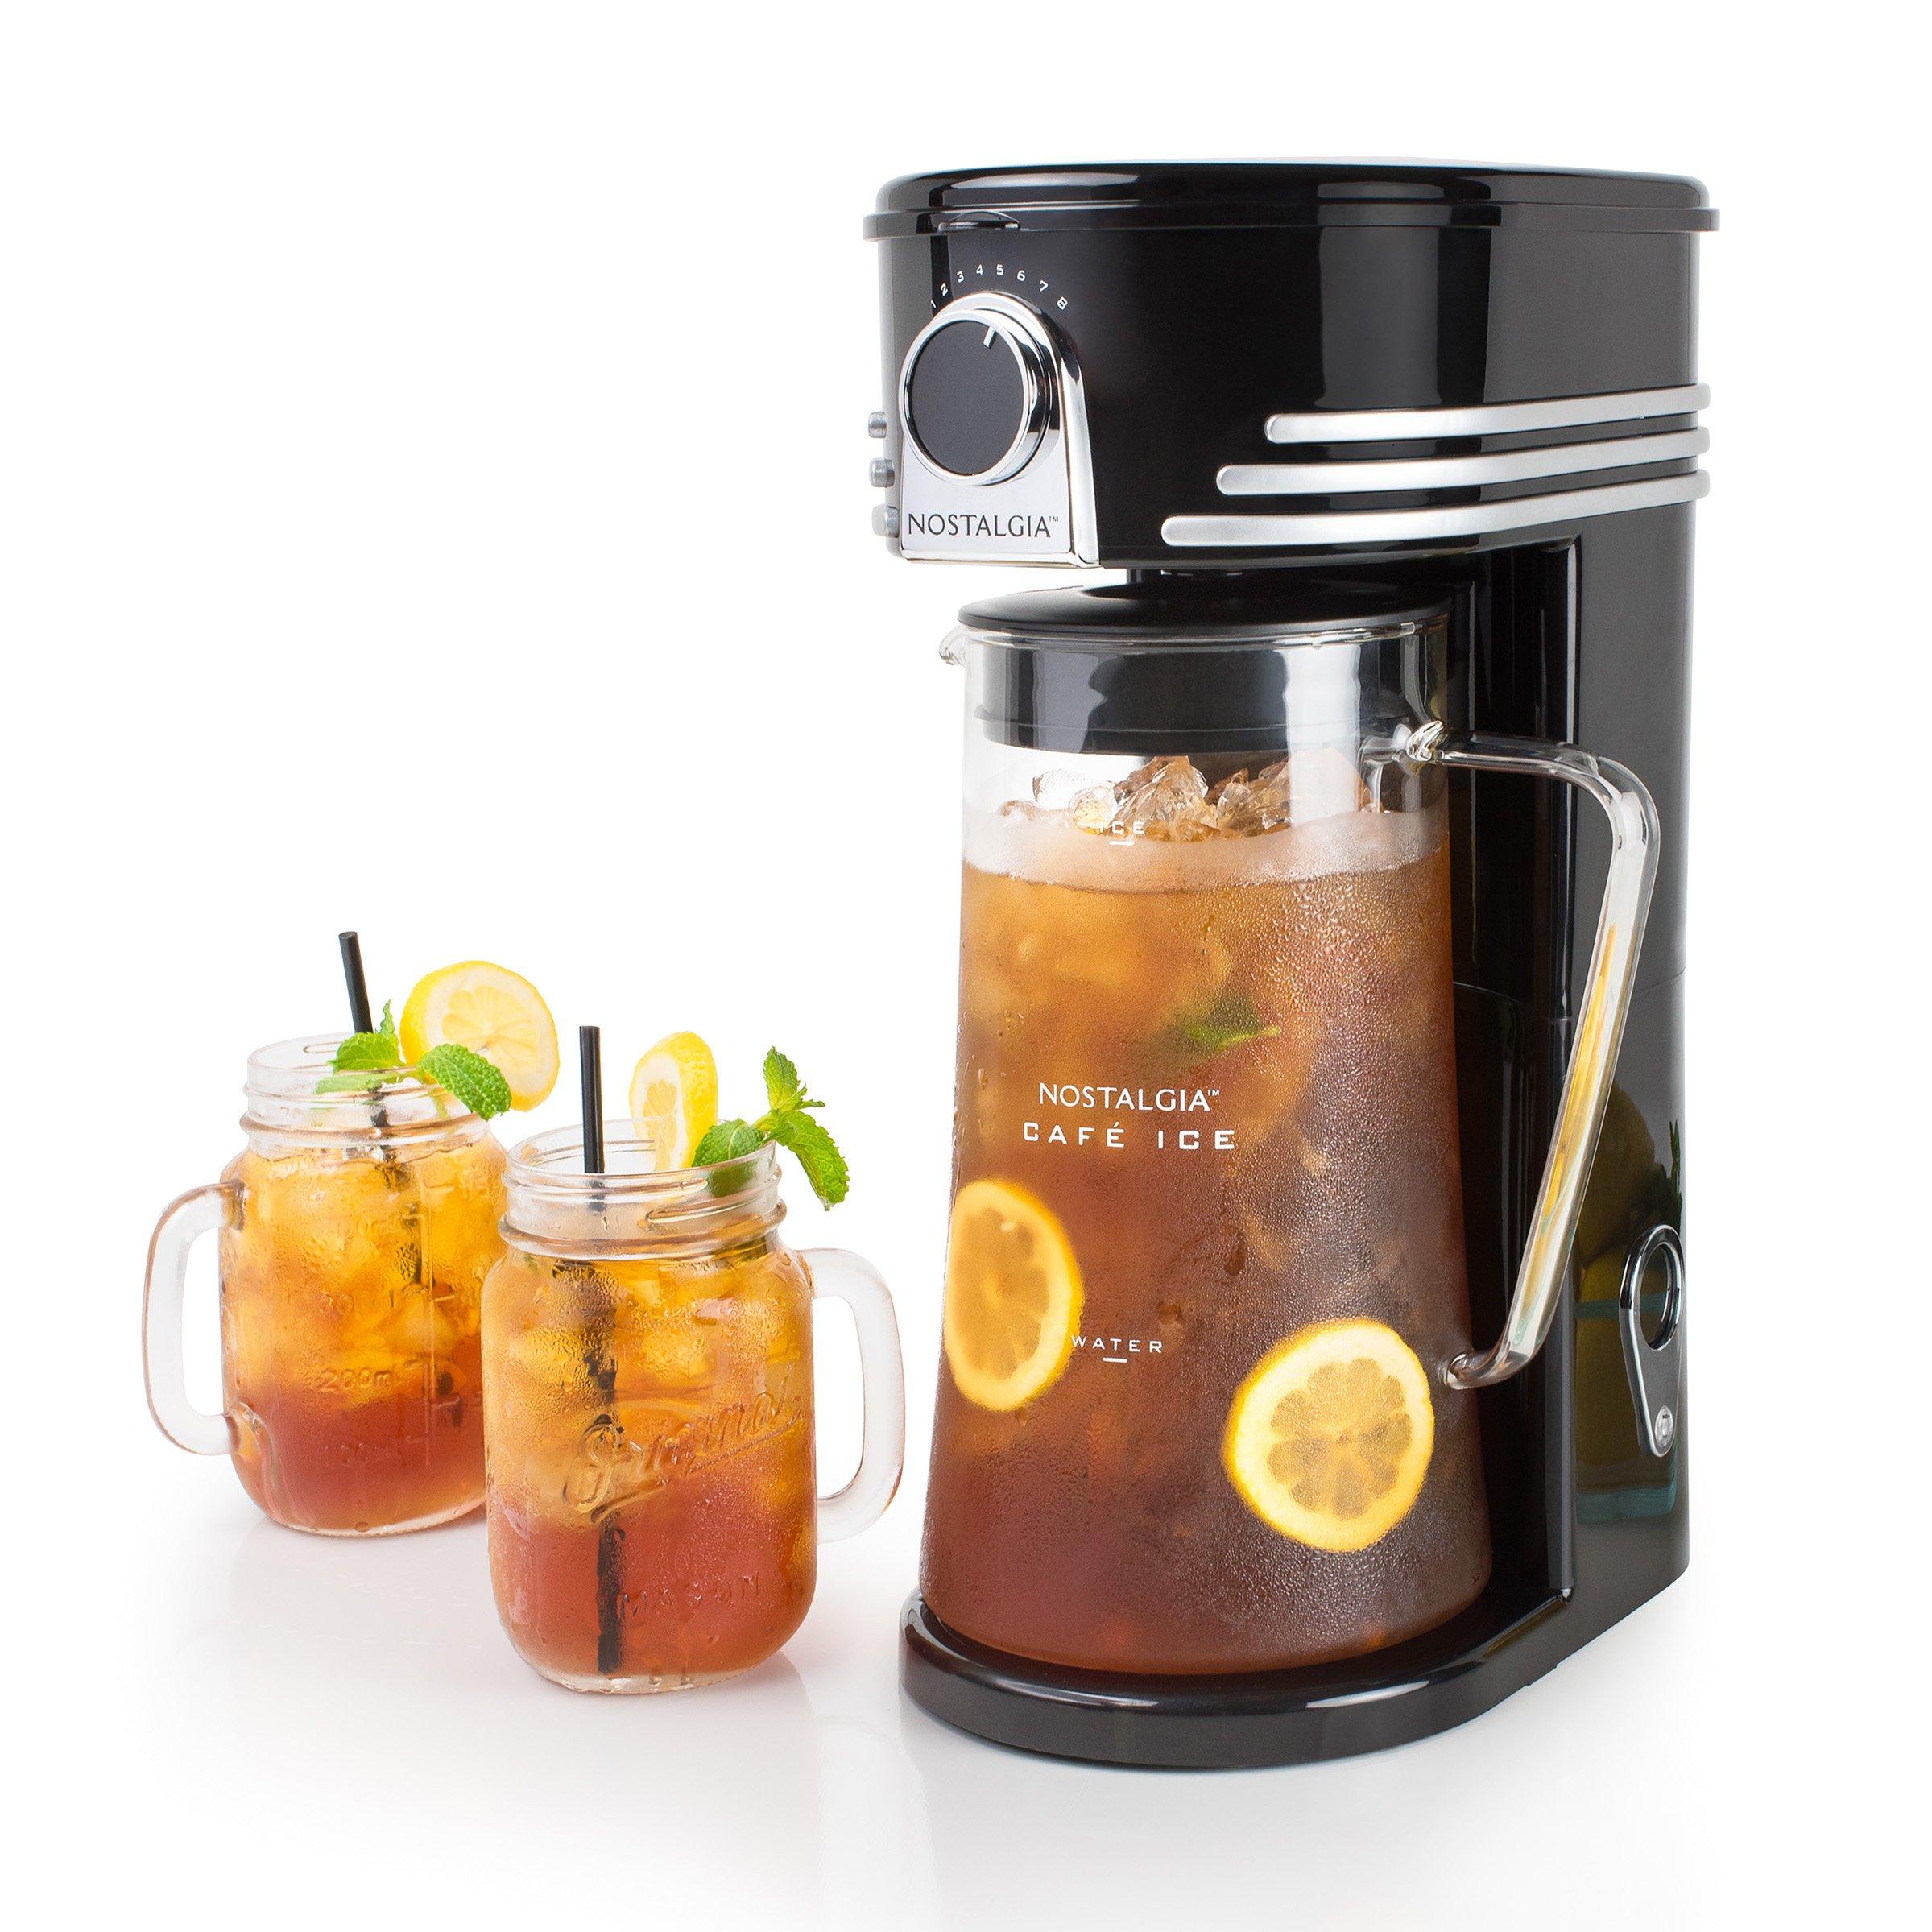 Nostalgia CI3BK Café Ice 3-Quart Iced Coffee & Tea Brewing System by Nostalgia (Image #3)